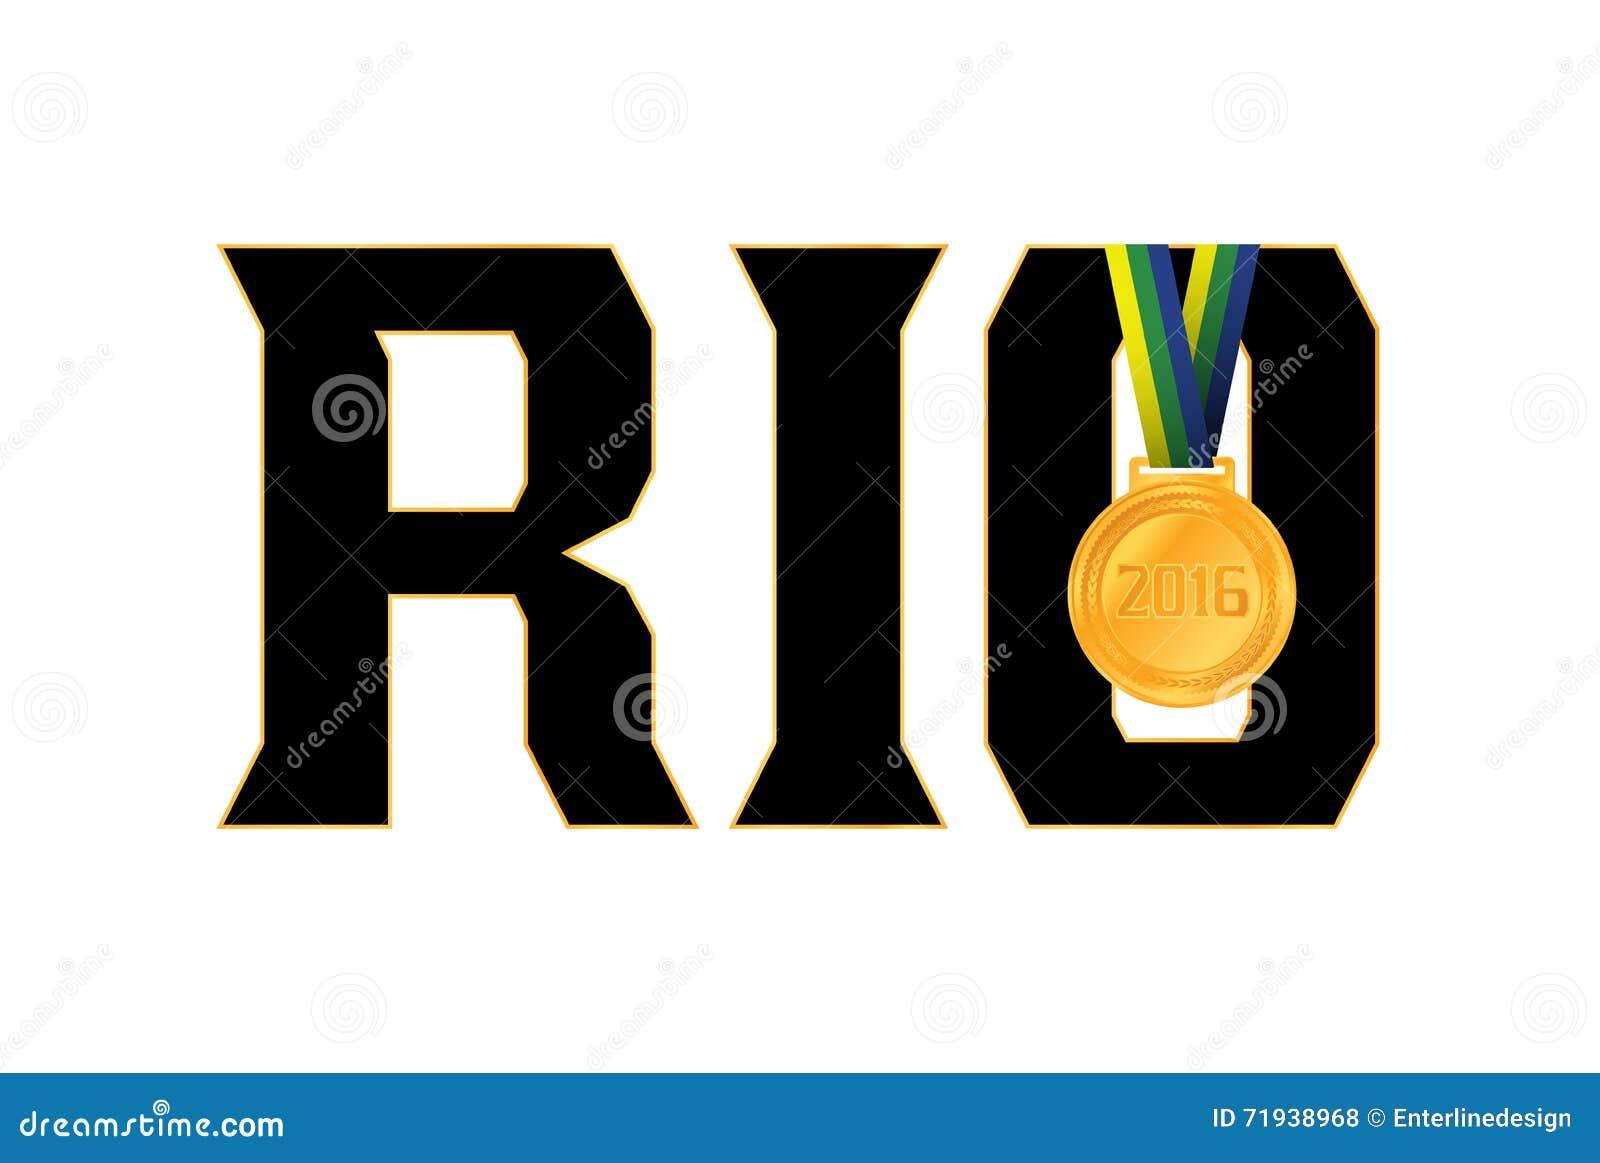 Концепция Олимпиад лета Рио